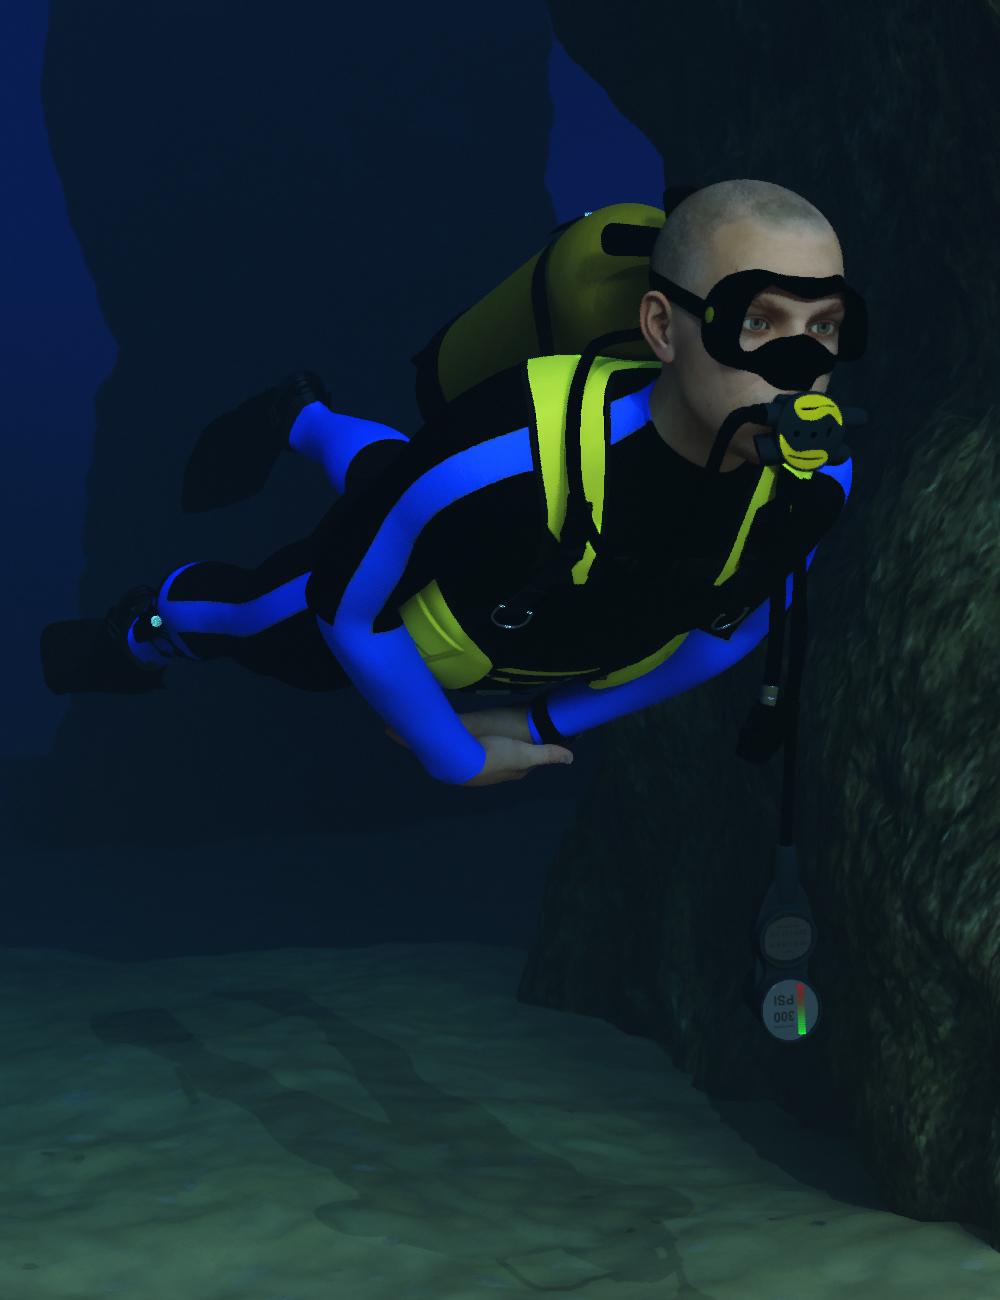 Scuba Gear for Genesis 3 Male by: dglidden, 3D Models by Daz 3D